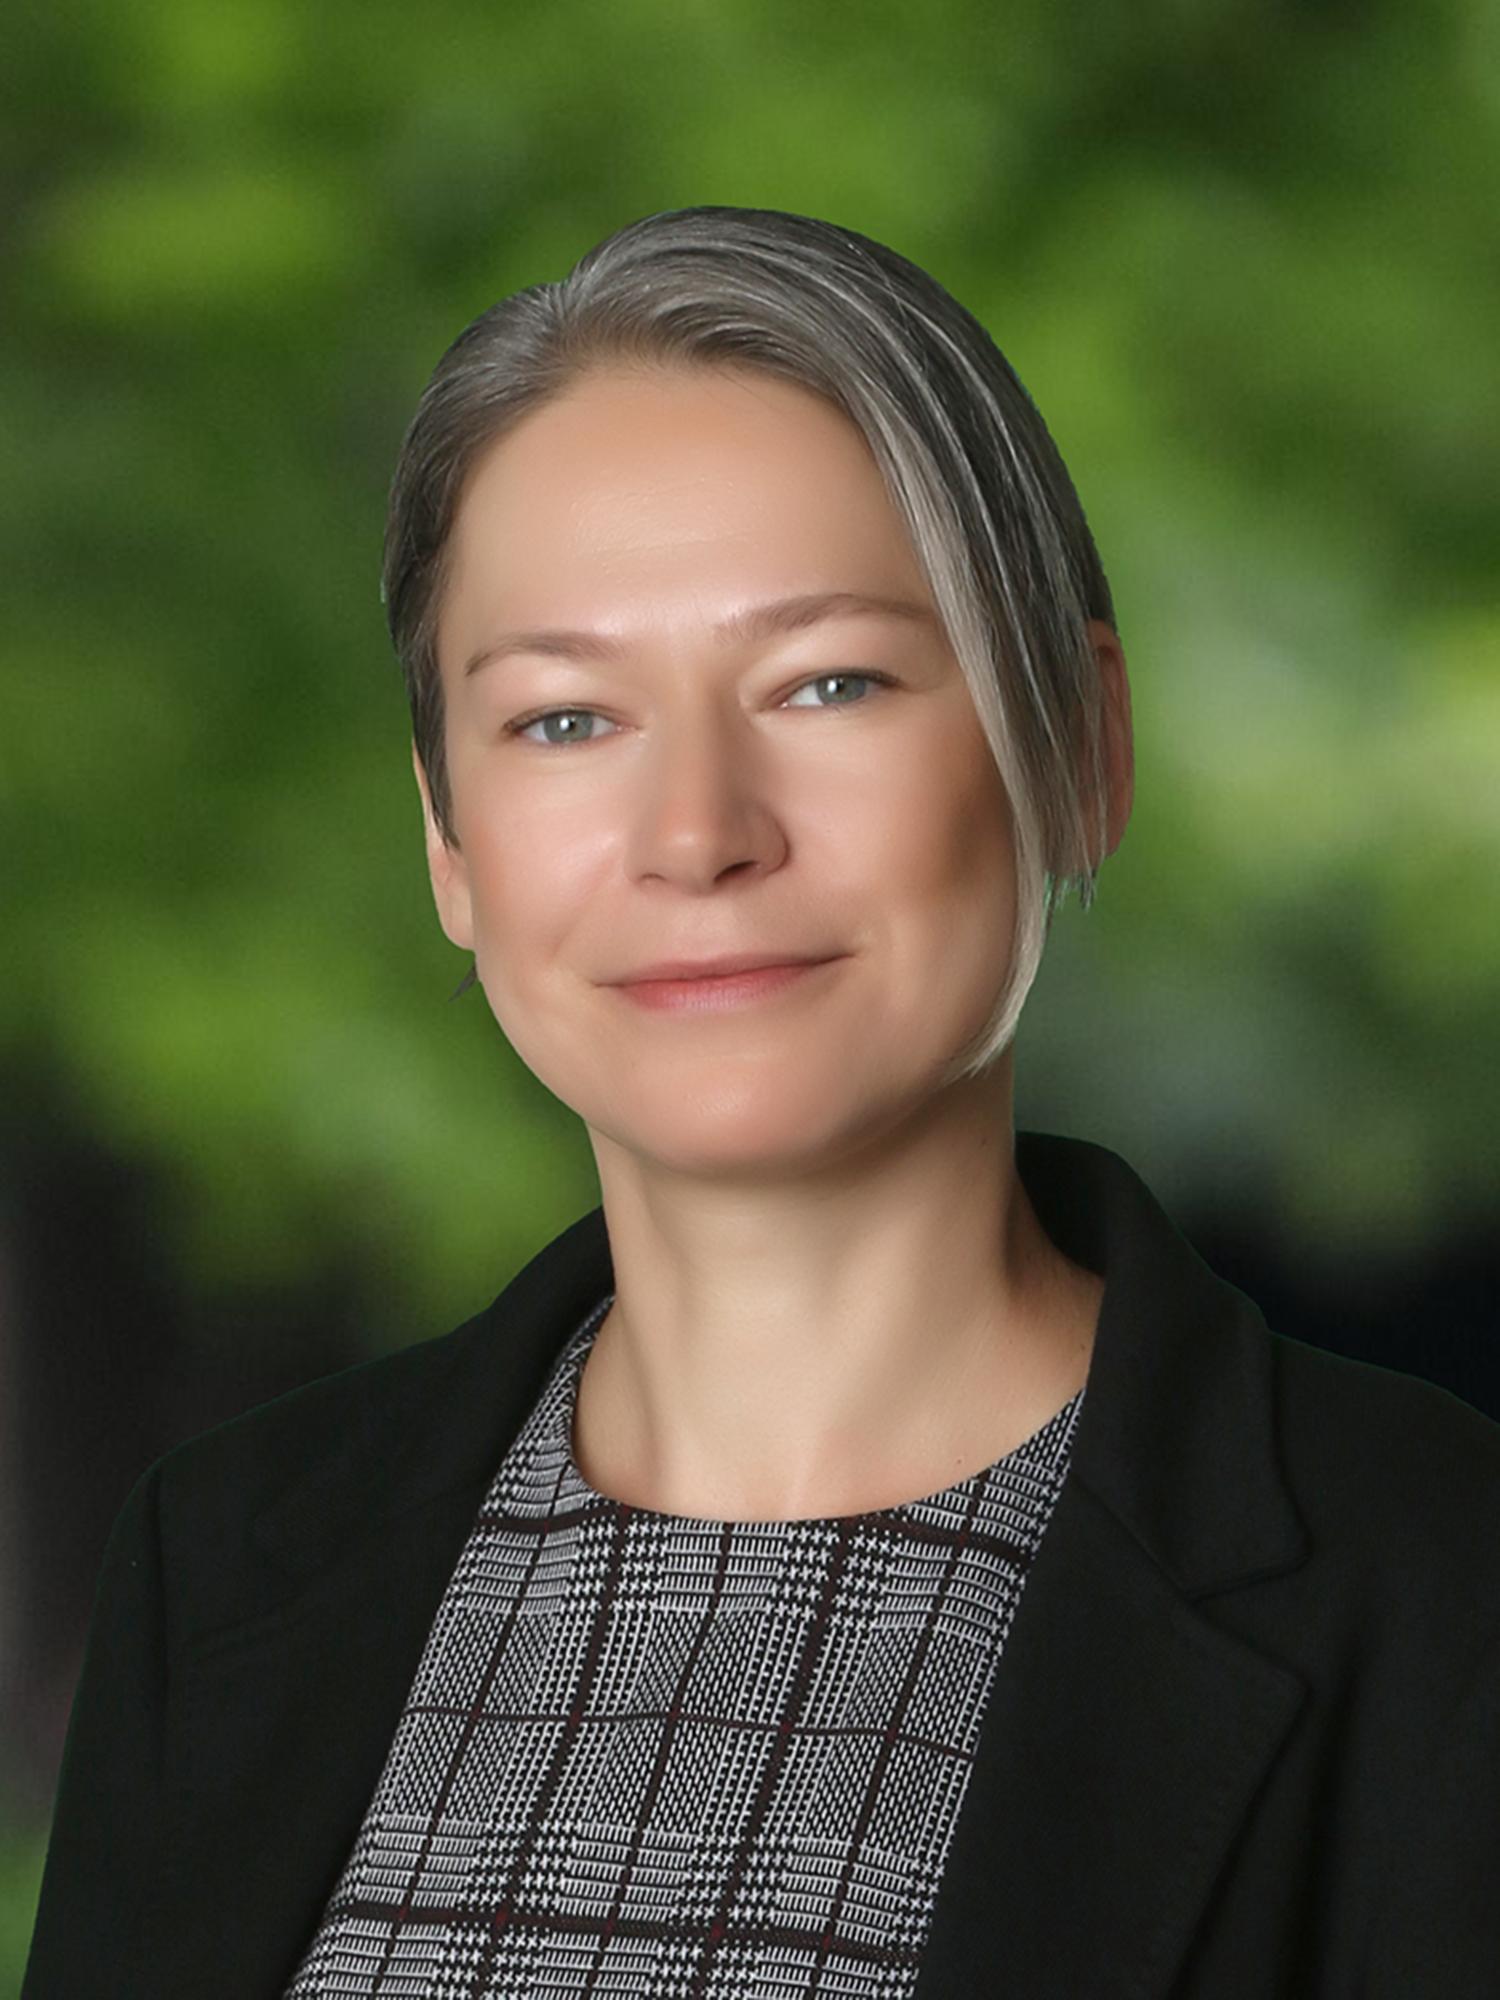 Florentina Petcov